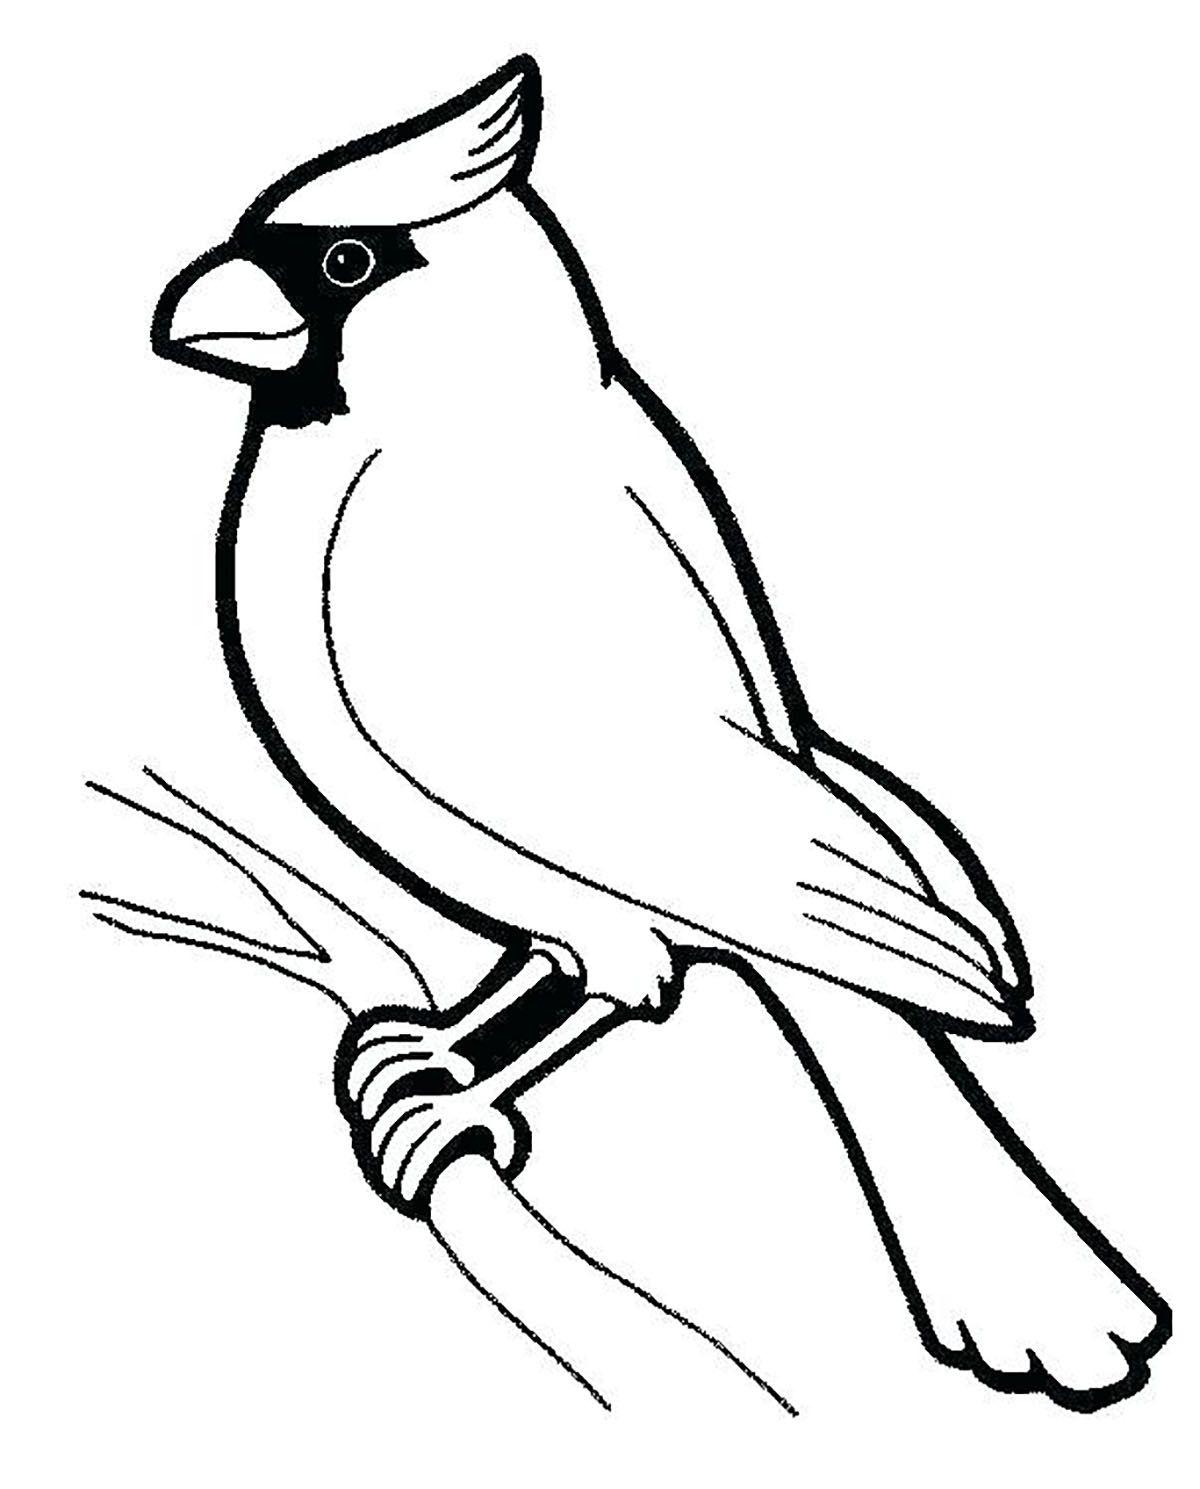 Tranh tô màu con chim đẹp cho bé